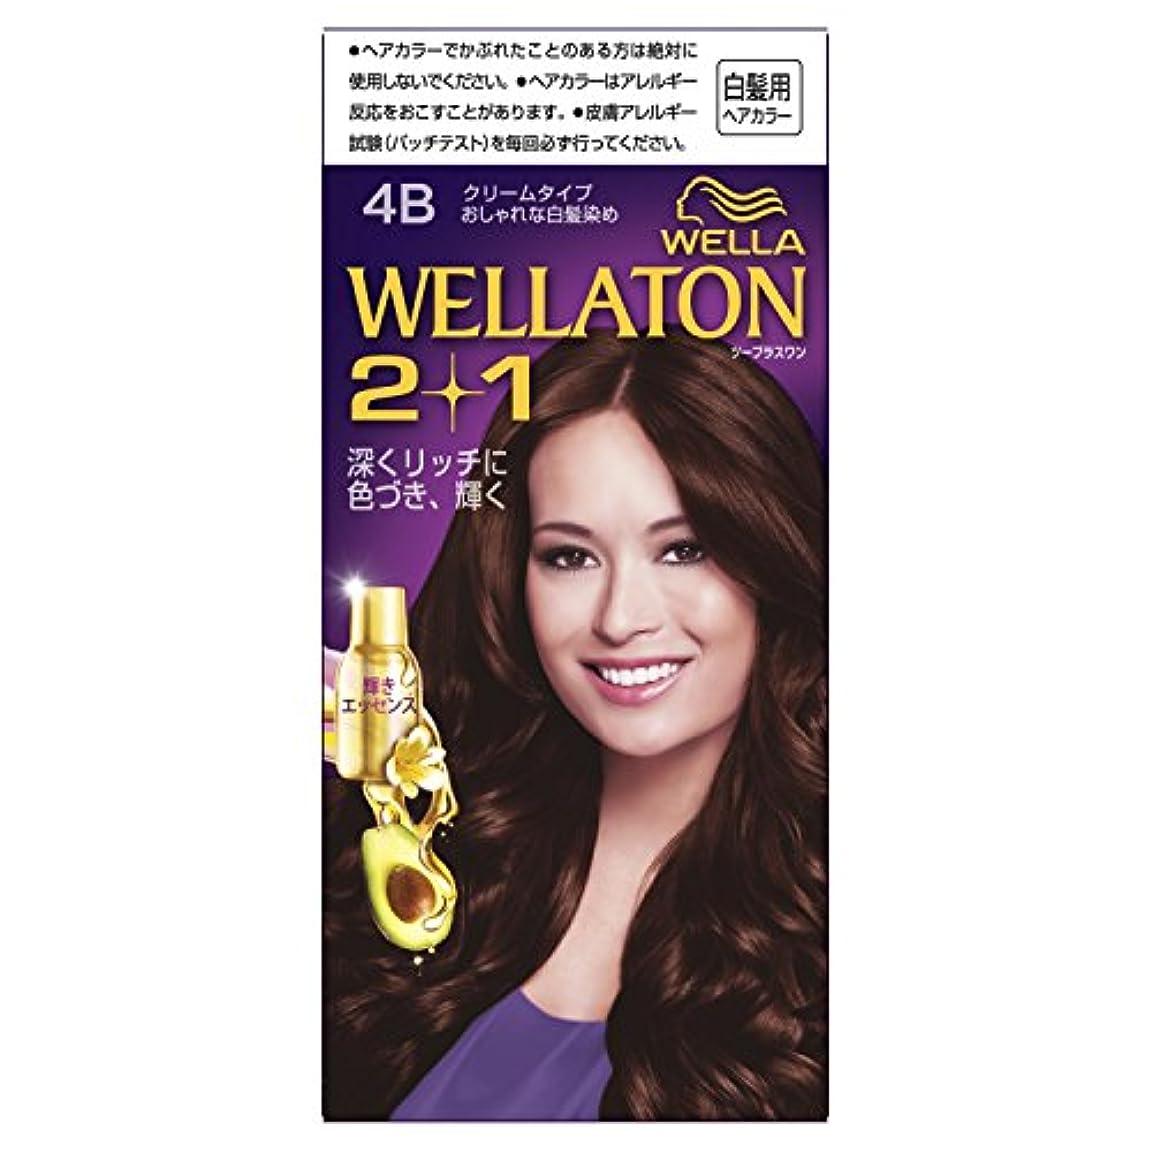 小売バングプレゼントウエラトーン2+1 クリームタイプ 4B [医薬部外品](おしゃれな白髪染め)